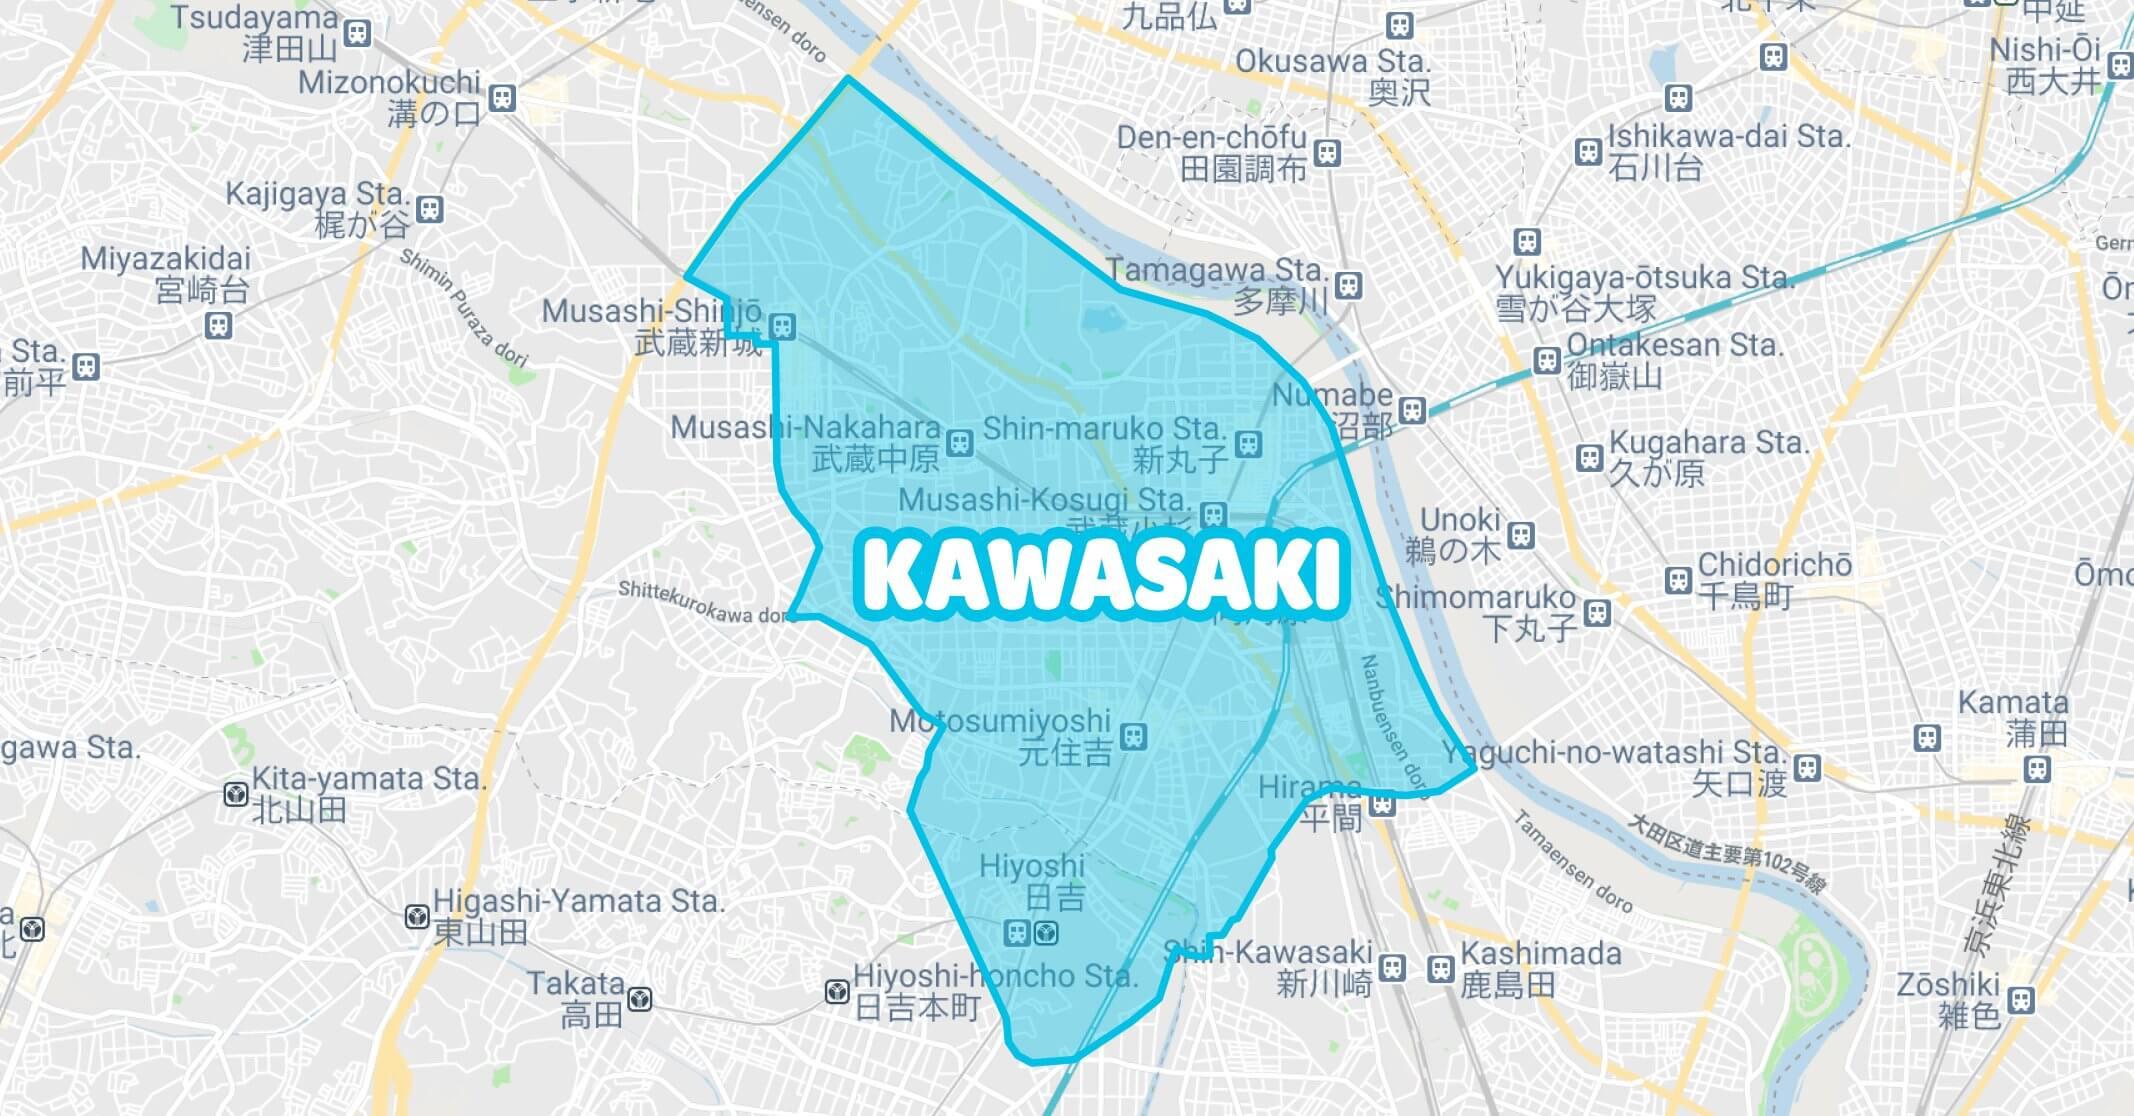 Wolt(ウォルト)川崎(神奈川)のエリアとクーポン・プロモコード・キャンペーン